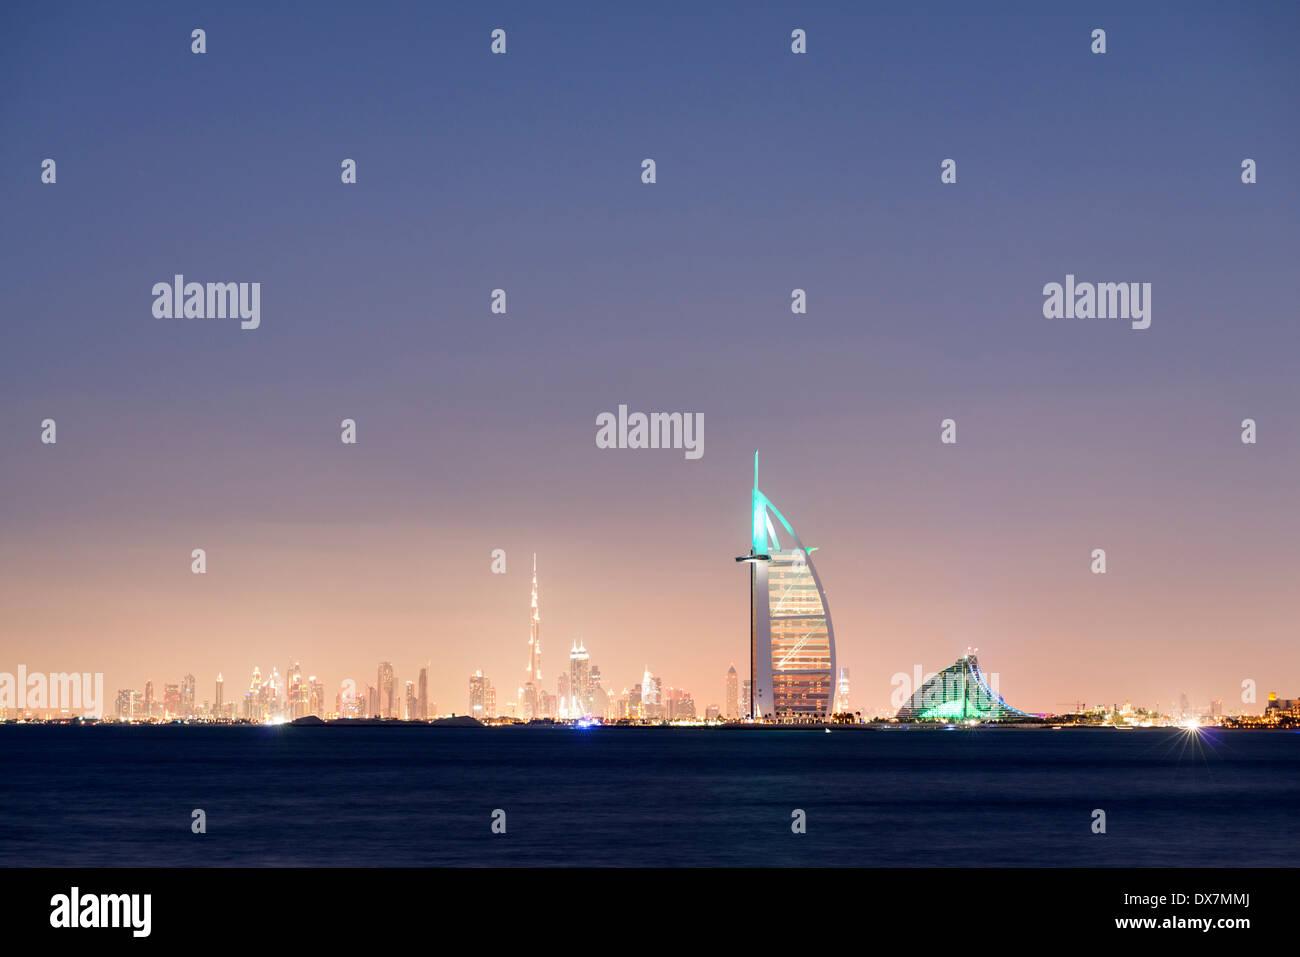 Nuit d'horizon de l'océan à l'hôtel de luxe Burj Al Arab et ville de Dubaï avec Photo Stock